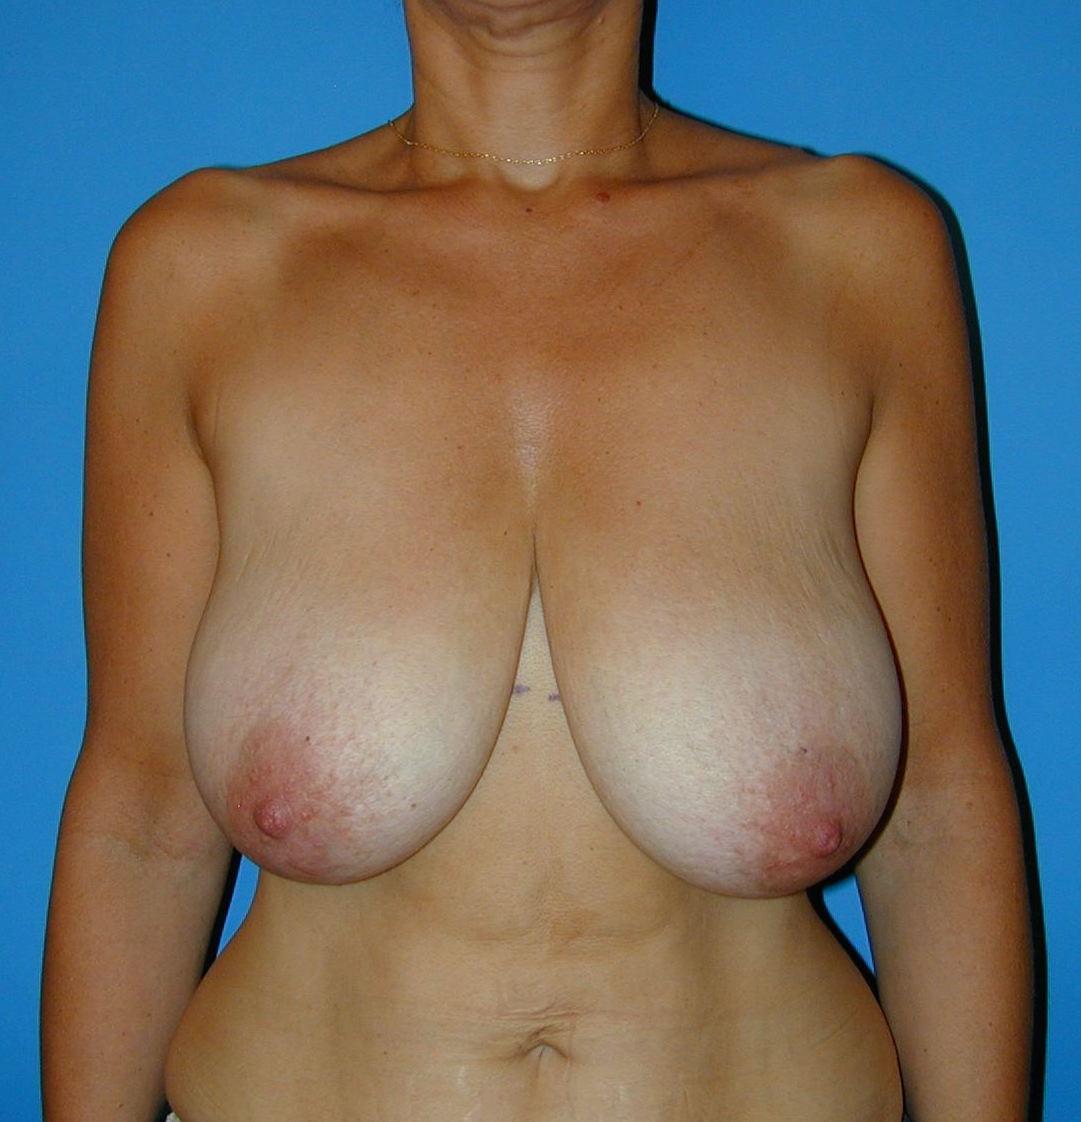 réduction hypertrophie mammaire seins trop gros tombants volumineux lourds genève annecy bottero